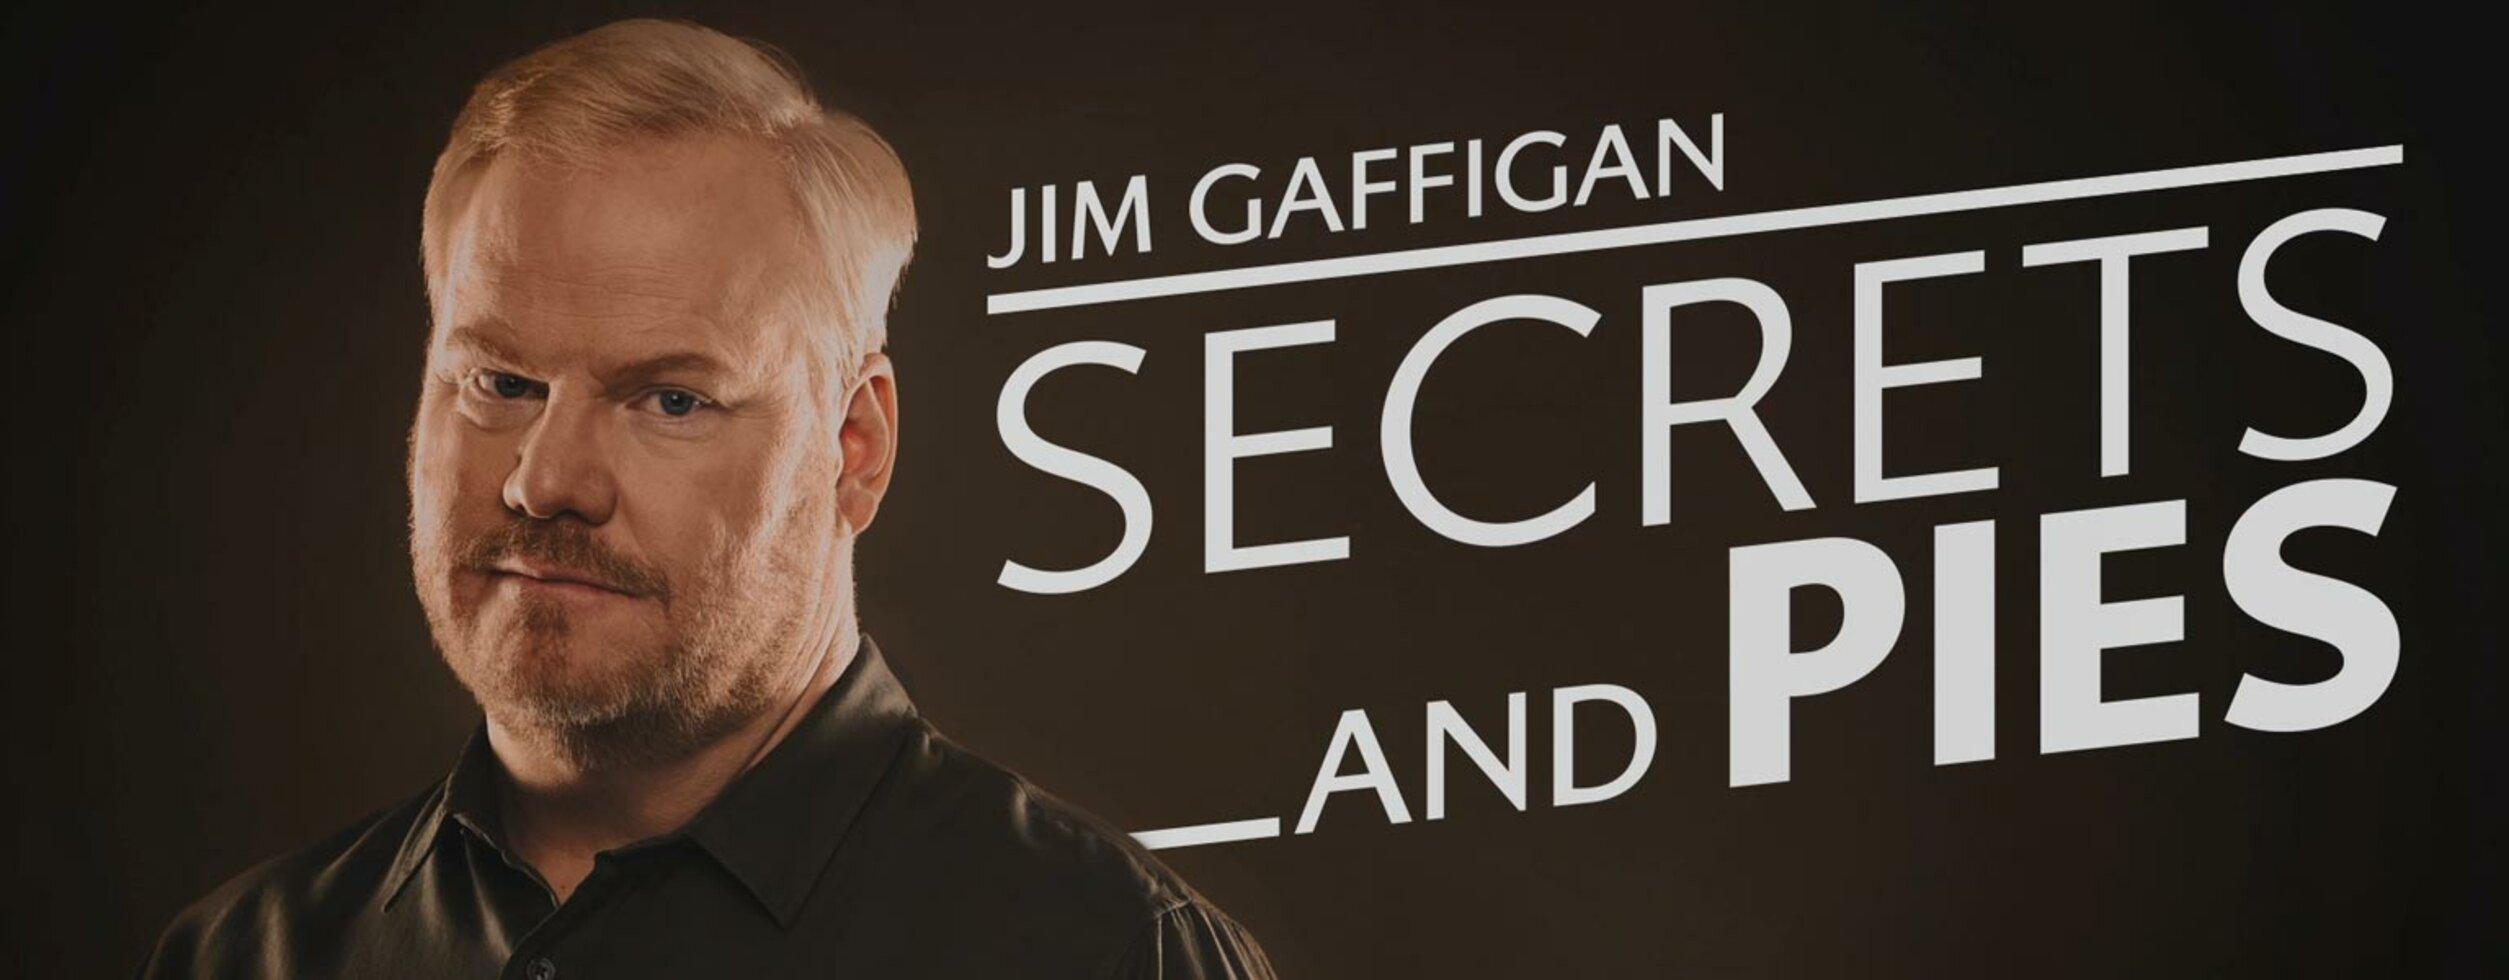 Jim Gaffigan Secrets and Pies Tour